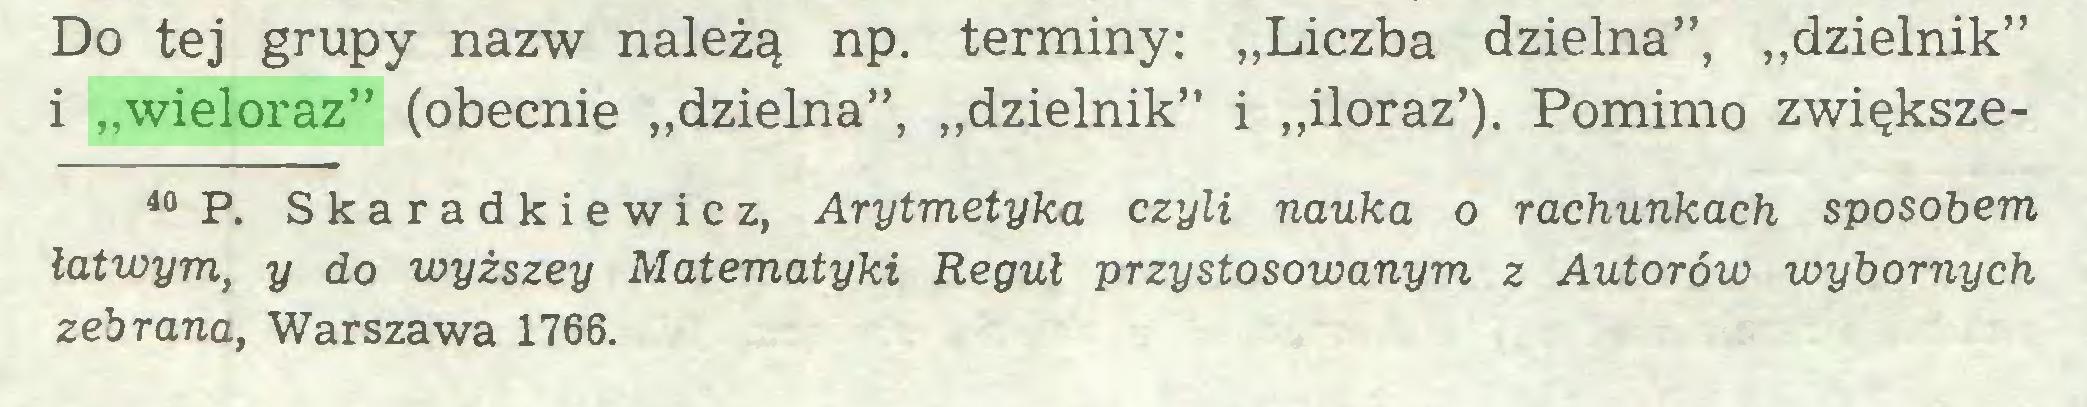 """(...) Do tej grupy nazw należą np. terminy: """"Liczba dzielna"""", """"dzielnik"""" i """"wieloraz"""" (obecnie """"dzielna"""", """"dzielnik"""" i """"iloraz'). Pomimo zwiększe40 P. Skaradkiewicz, Arytmetyka czyli nauka o rachunkach sposobem łatwym, y do wyższey Matematyki Reguł przystosowanym z Autorów wybornych zebrana, Warszawa 1766..."""